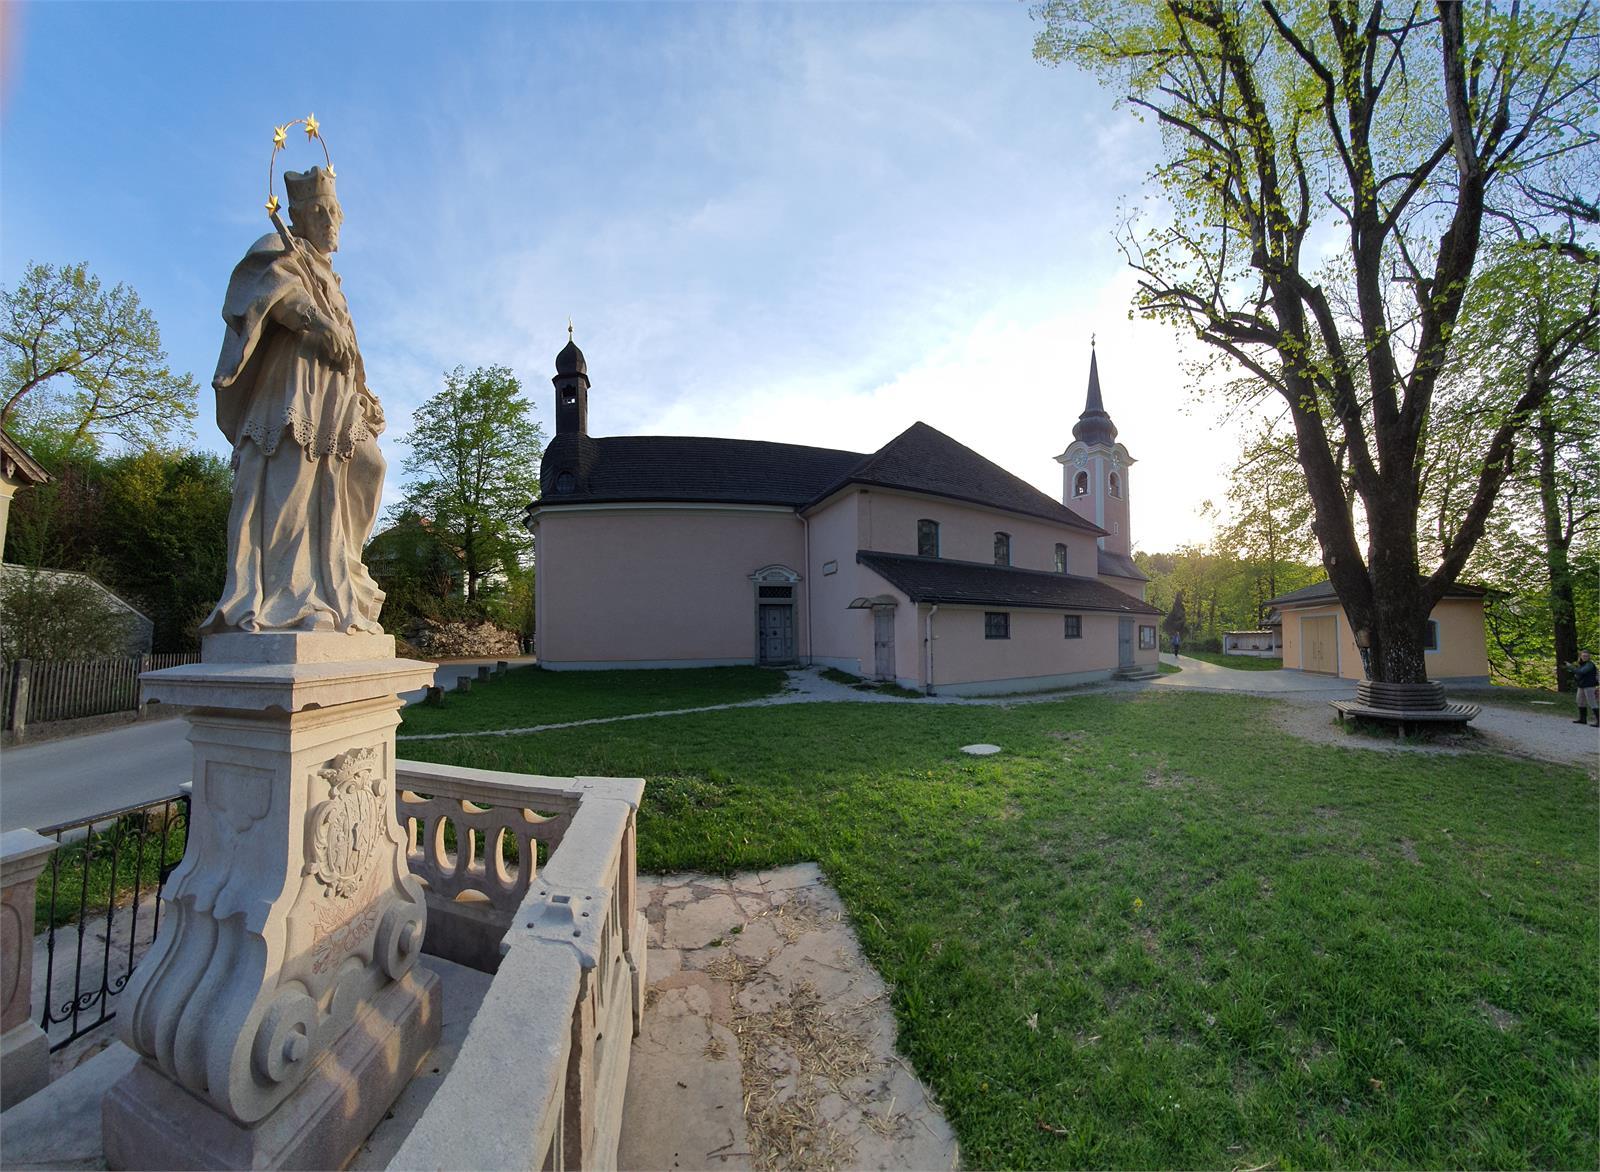 Wallfahrtskirche und Nepomukstatue in St. Jakob am Thurn | ©TVB Puch